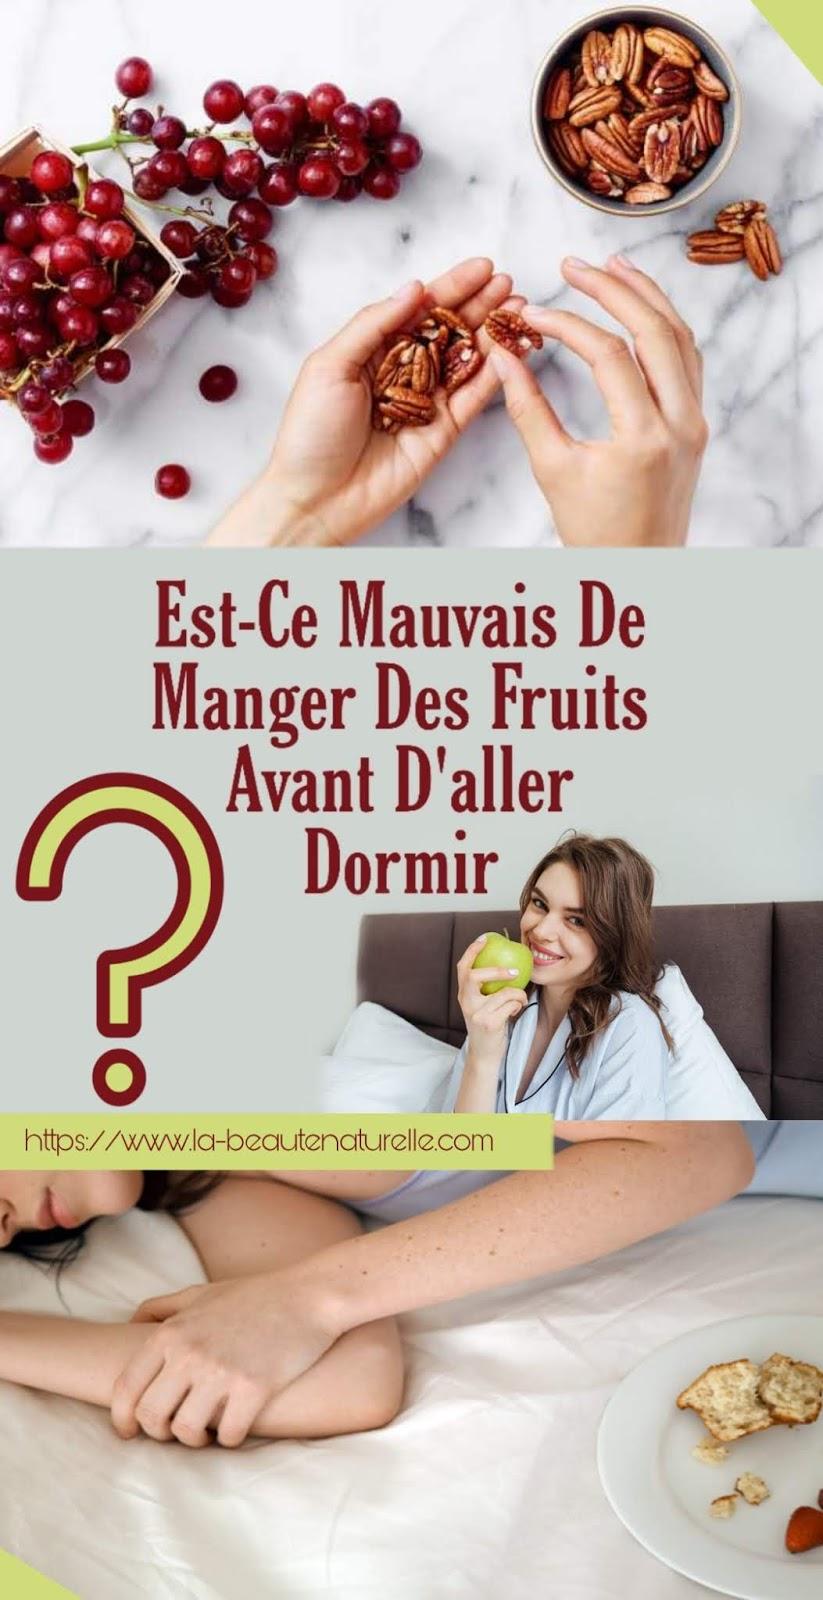 Est-Ce Mauvais De Manger Des Fruits Avant D'aller Dormir?